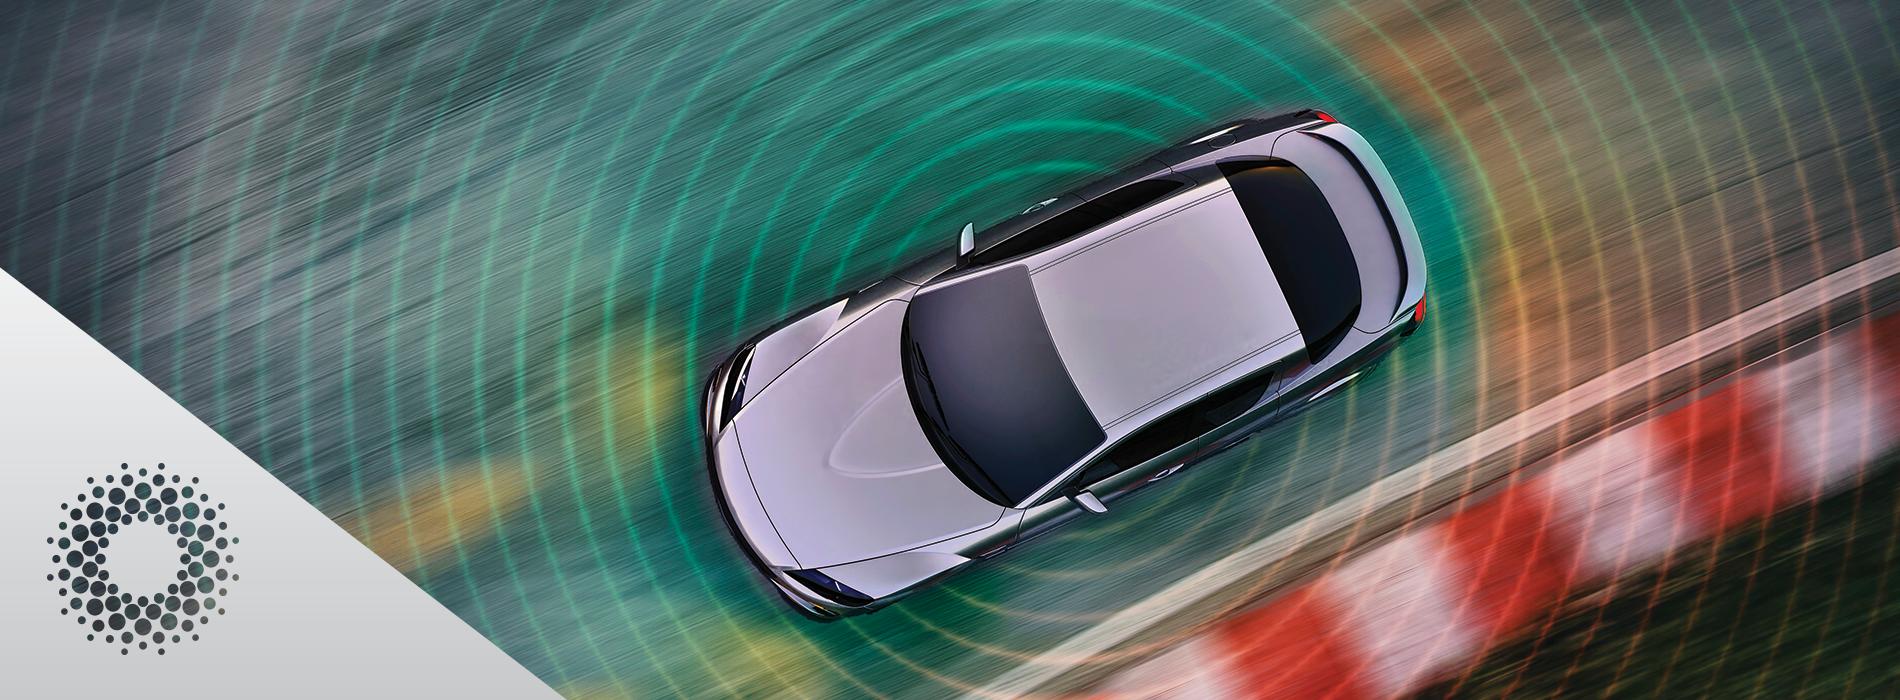 slider-images-self-driving-car